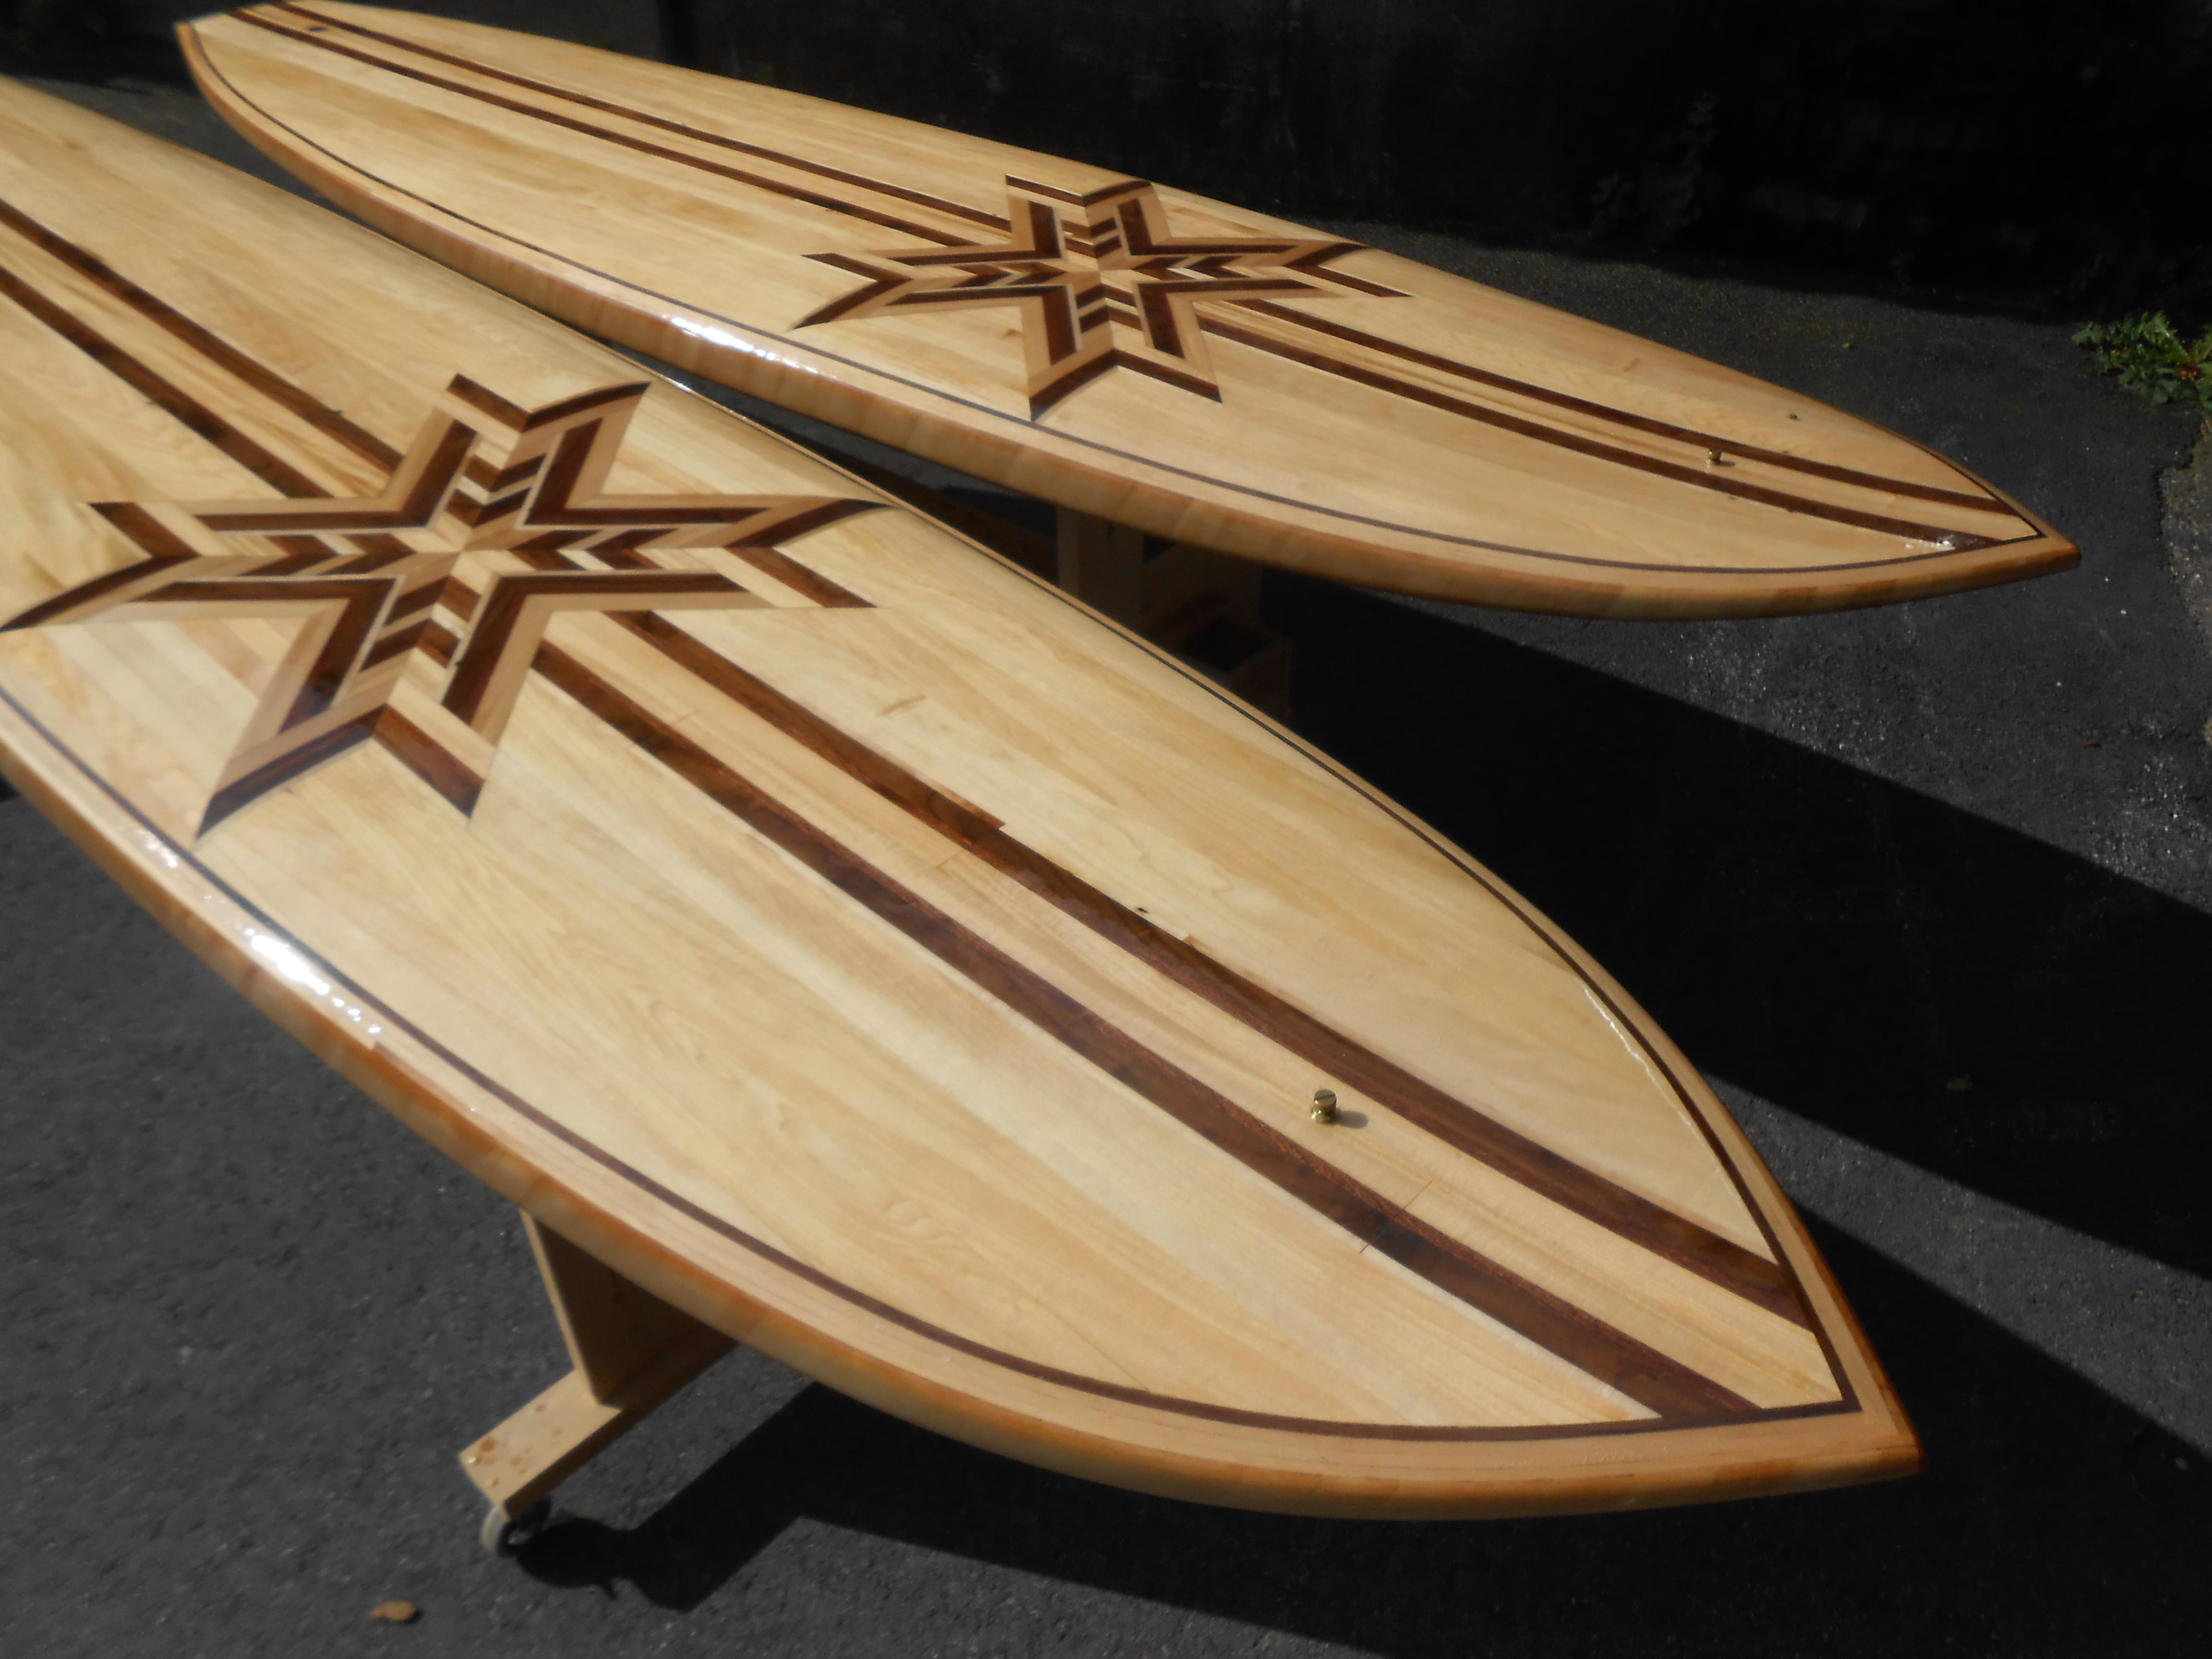 10' and 12' Chomsky paddleboards 005